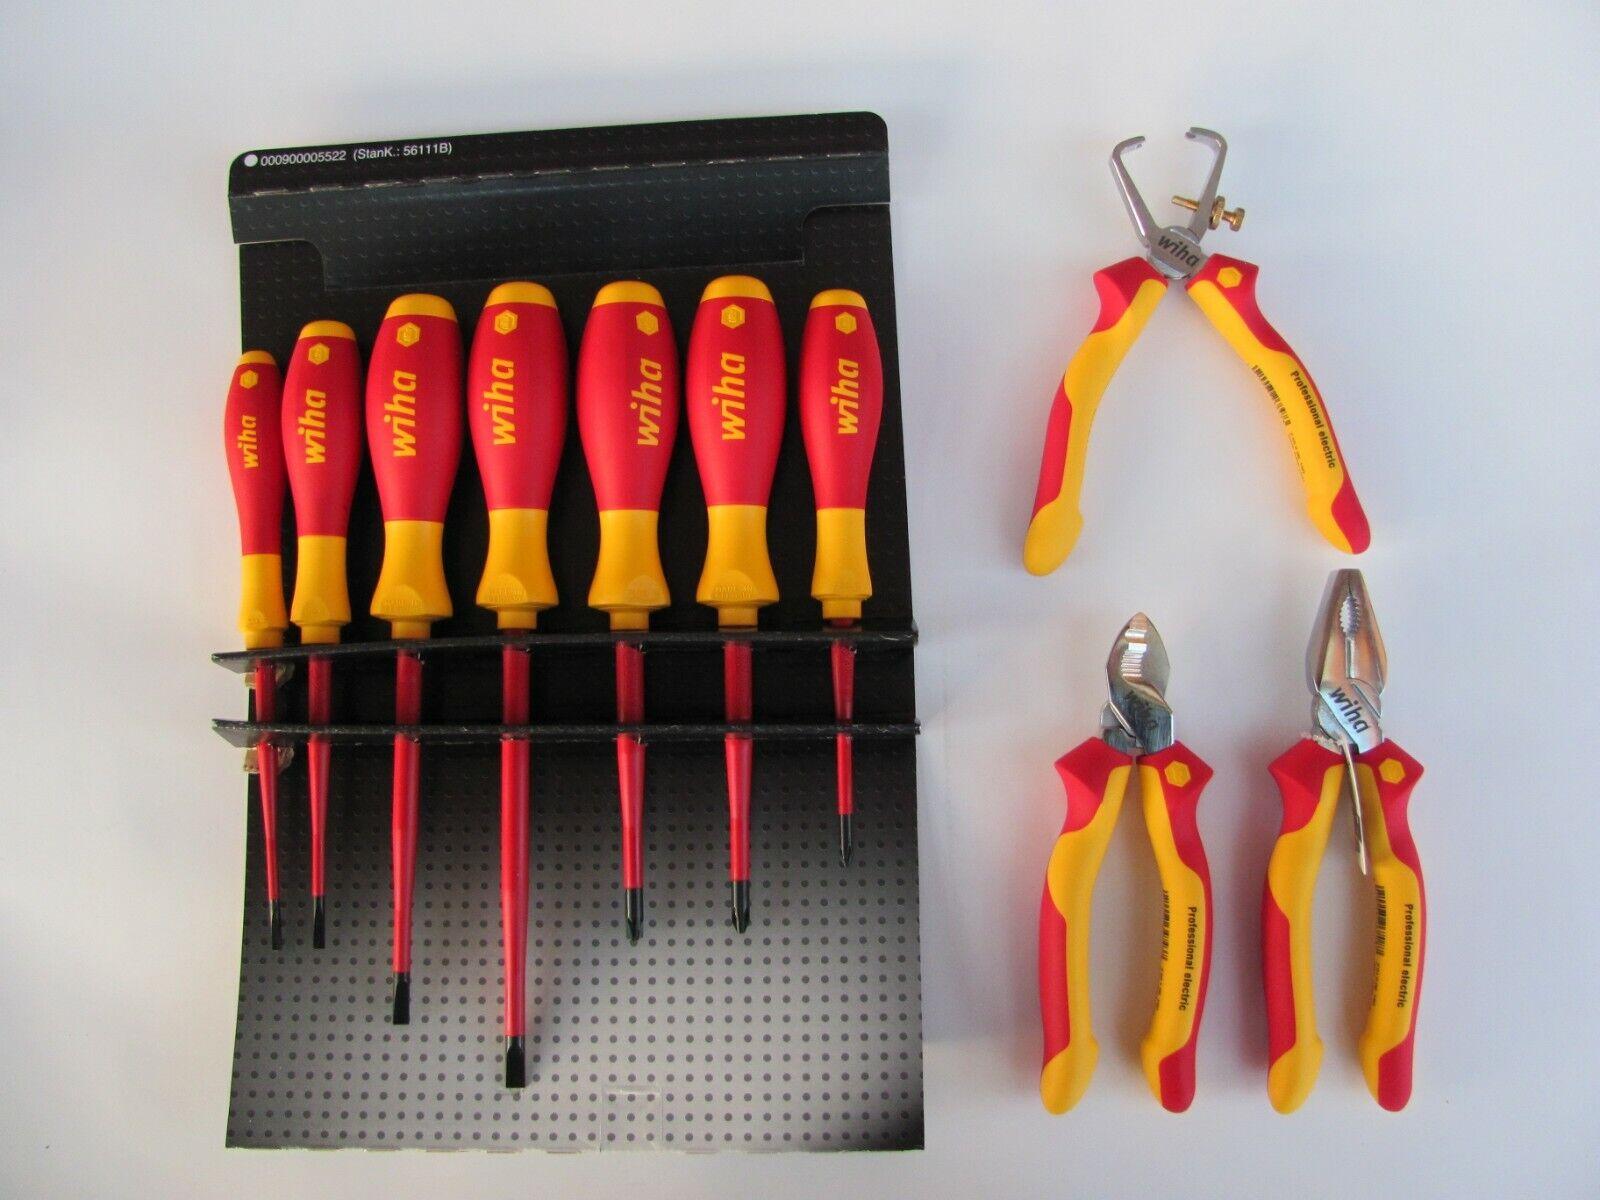 Flachrundzange Seitenschneider Wiha 38637 Zangen Set Industrial electric Kombi